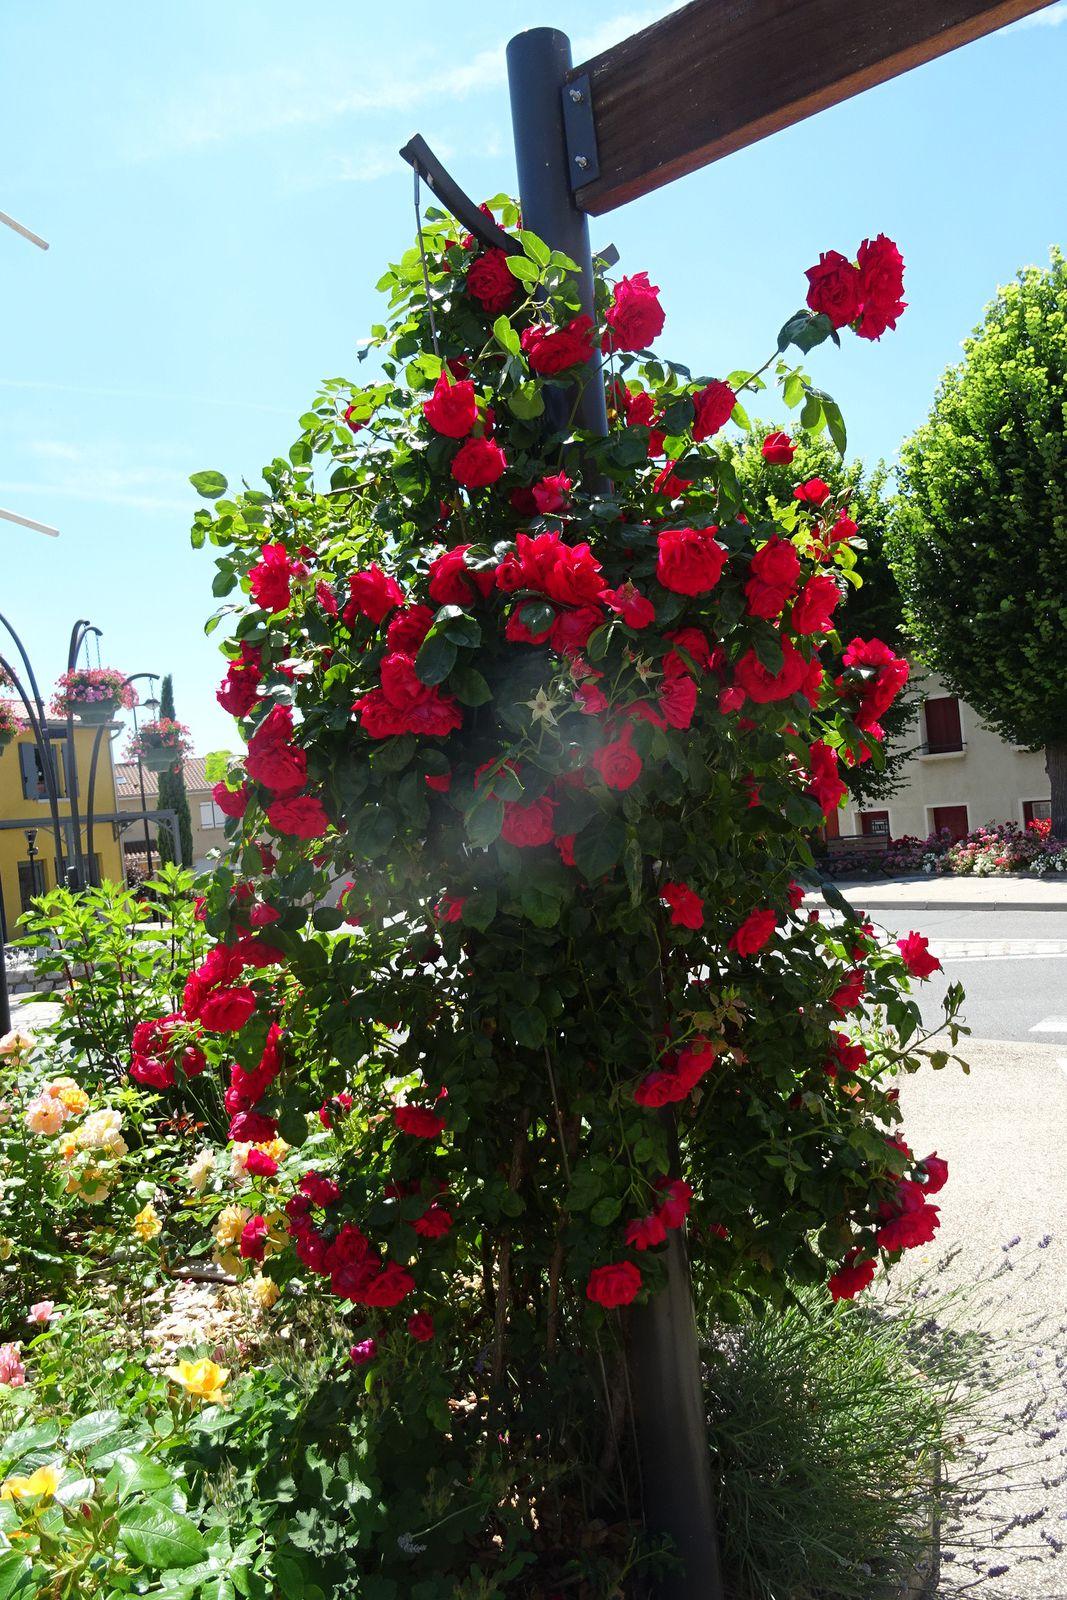 Au retour nous faisons un détour par Chamboeuf, le fleurissement y est exceptionnel.